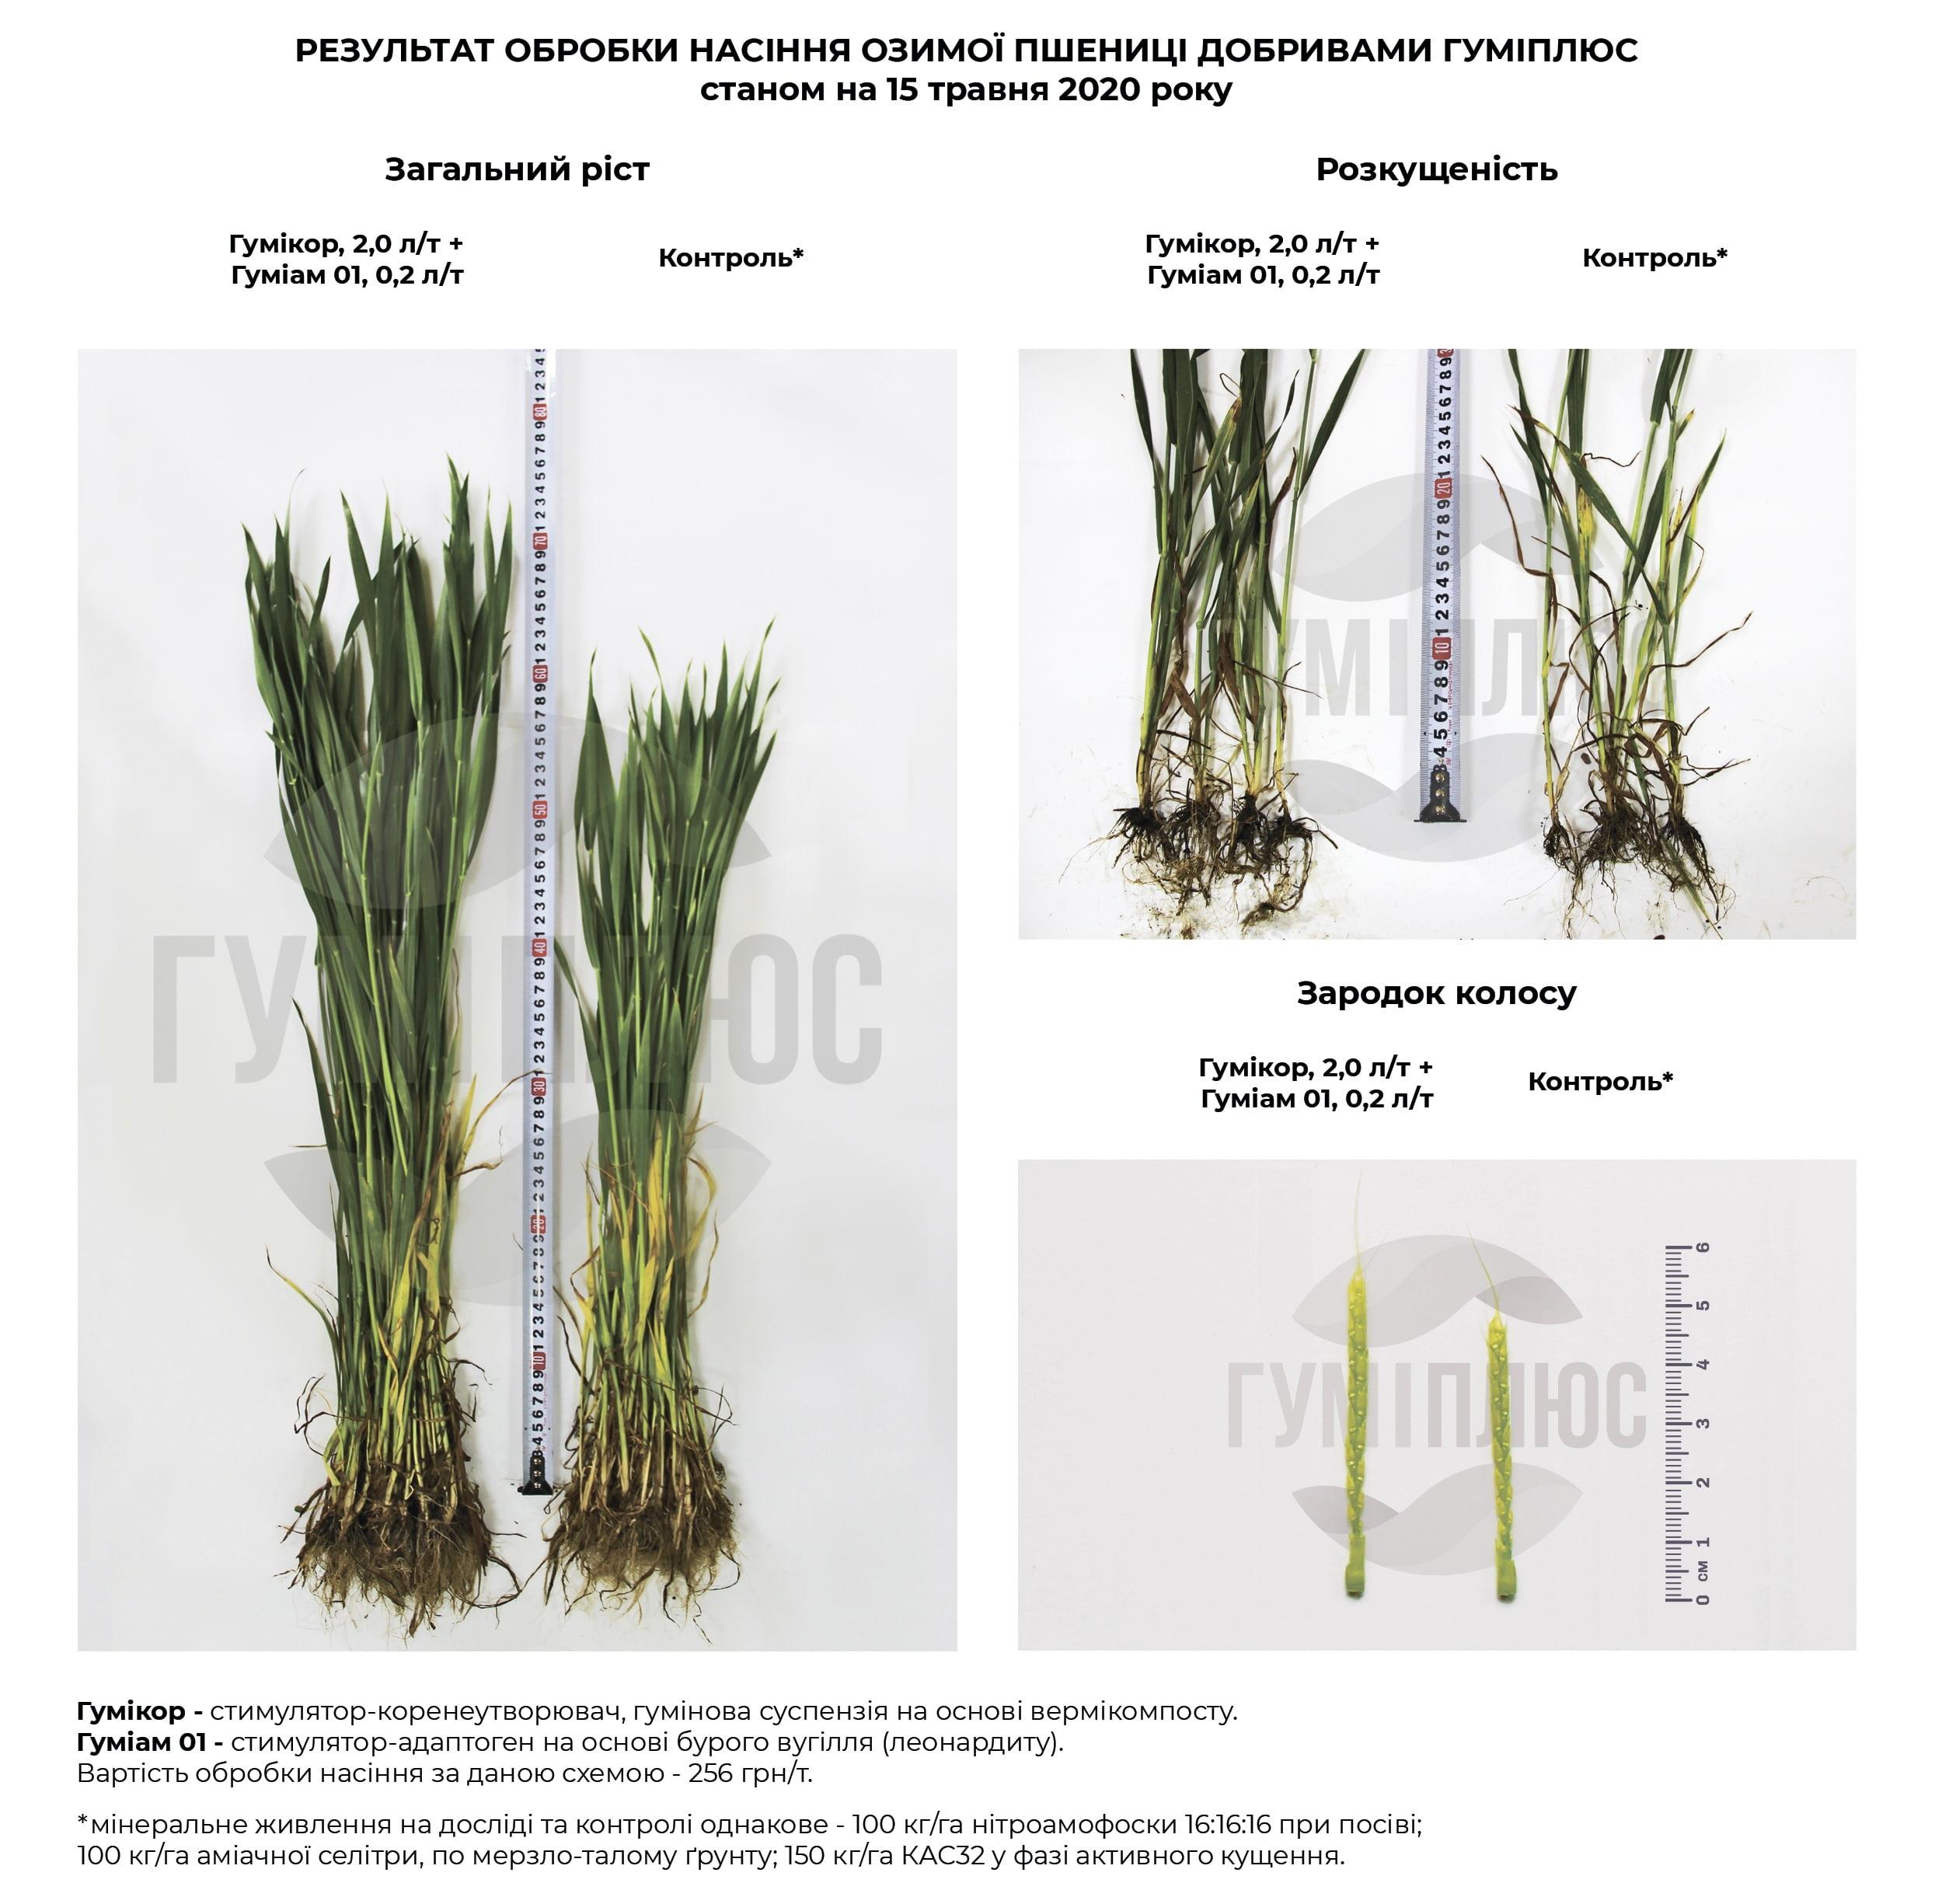 Результат обробки насіння озимої пшениці добривами Гуміплюс станом на 15 травня 2020 року